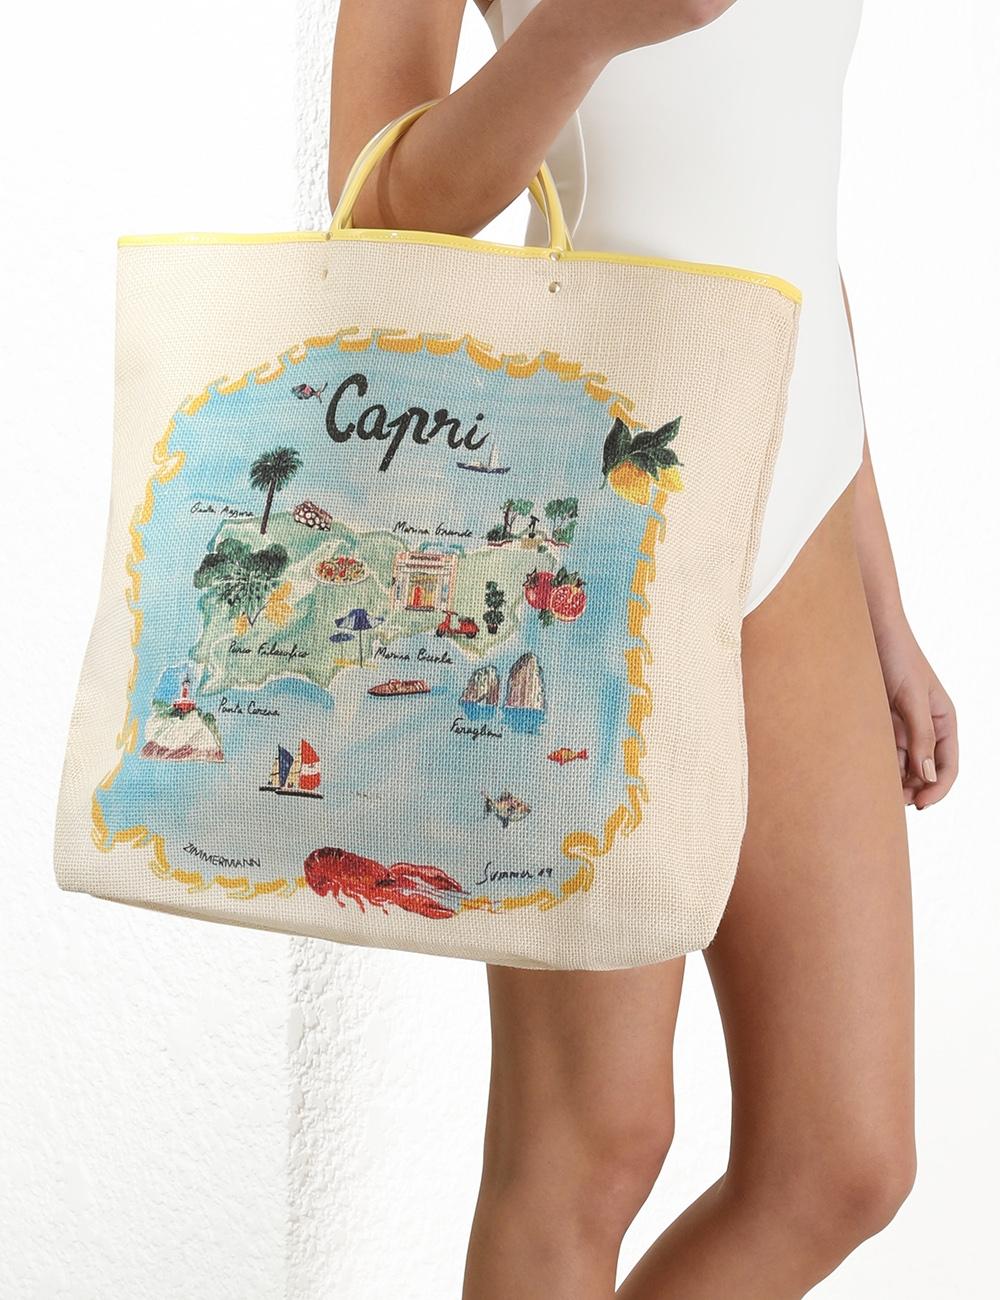 Capri Shopper